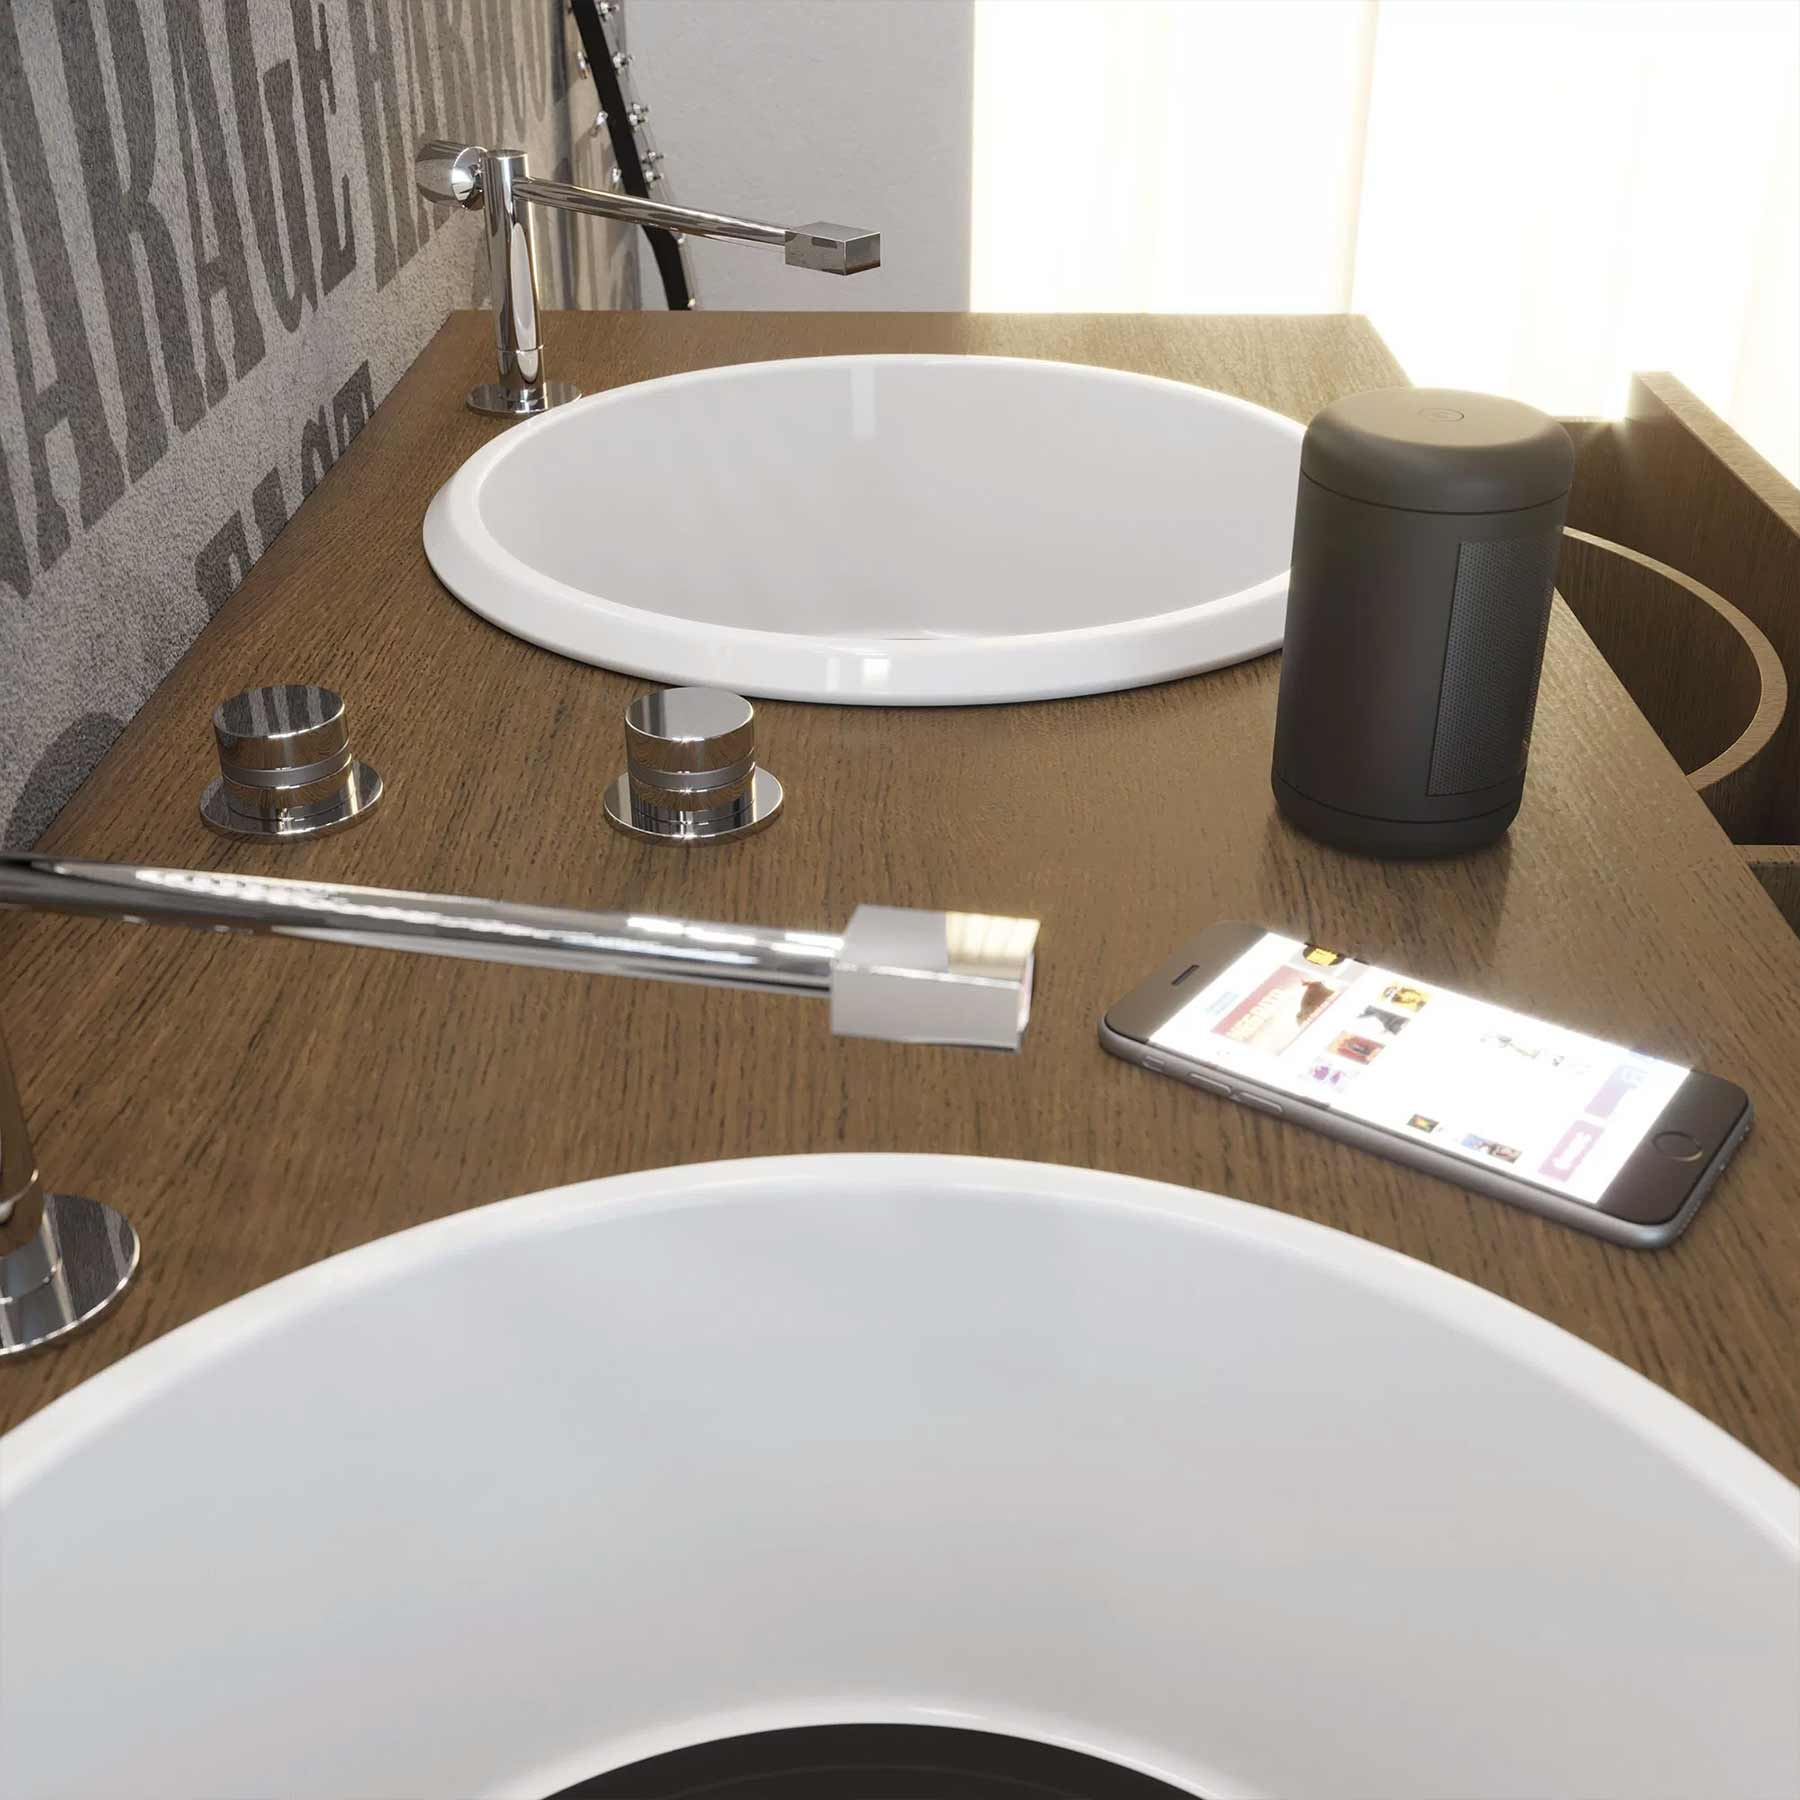 Waschbecken im Plattenspieler-Design Vinyl-waschbecken-Olympia-Ceramica_05